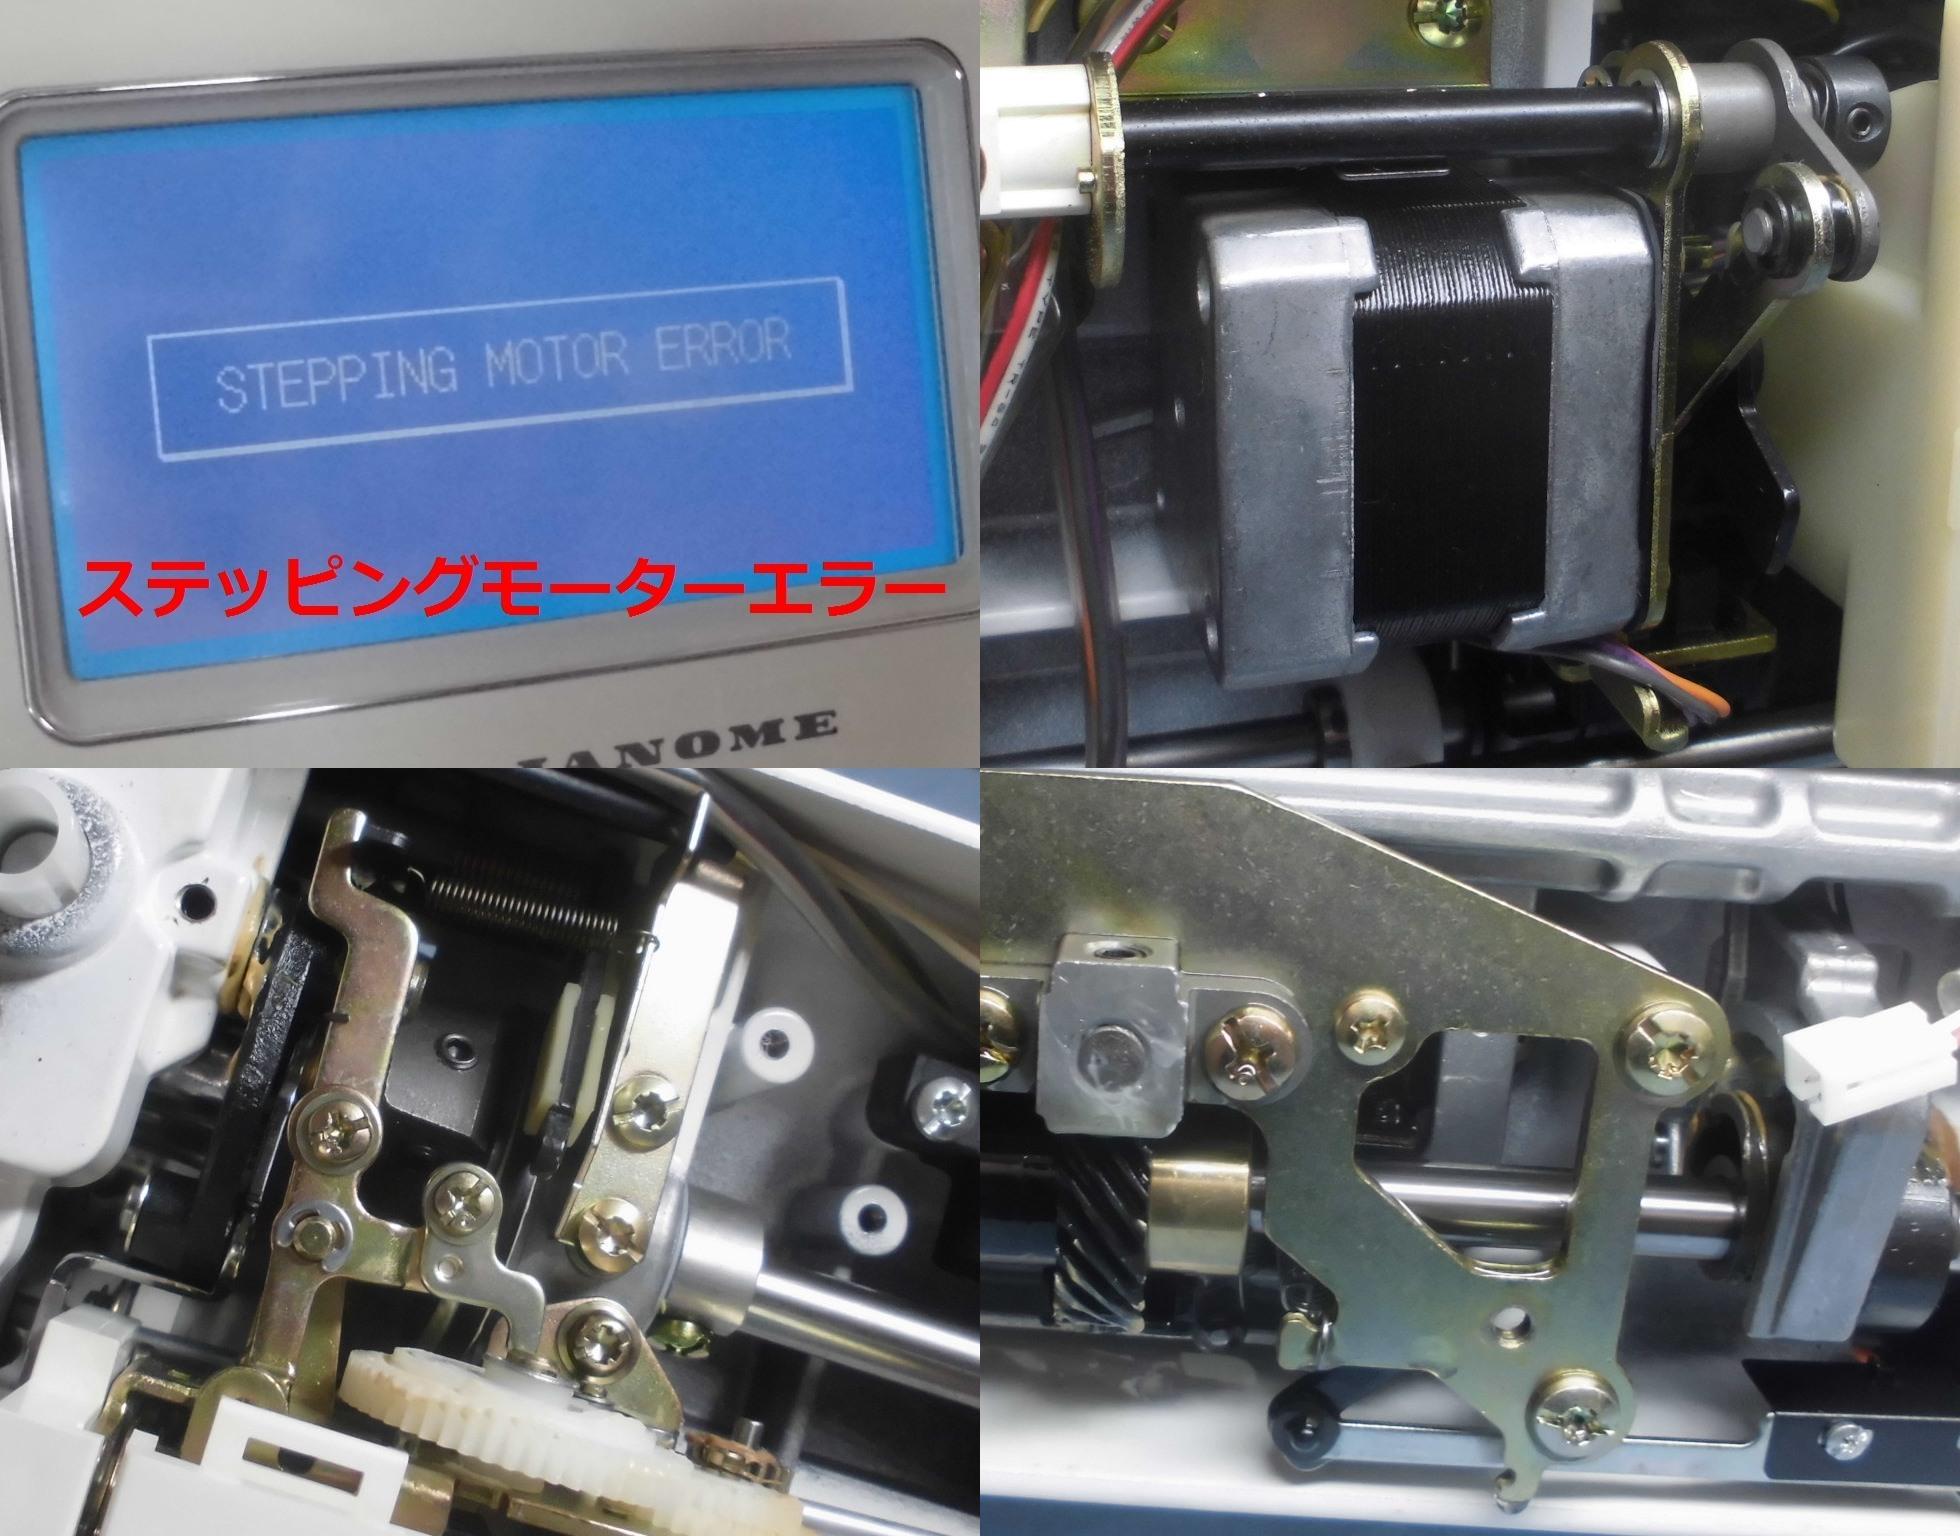 セシオEX9000の故障や不具合|電源が入らない、エラー、液晶タッチパネルが反応しない